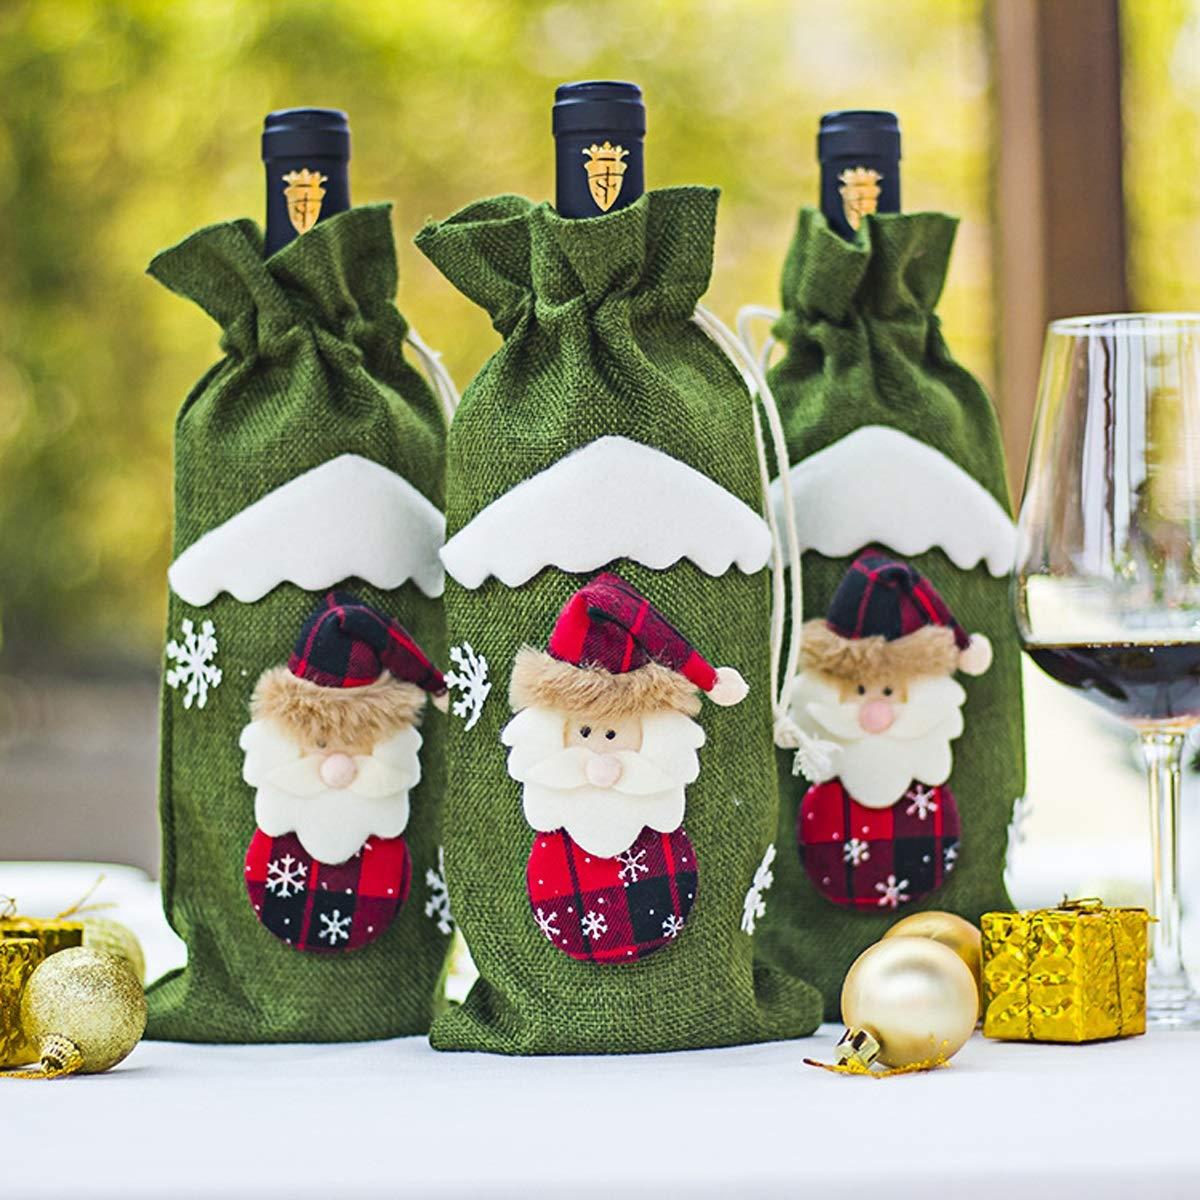 HaiQianXin Cubiertas de Botellas de Vino Tinto de Navidad Vajilla Decoración de Mesa Adornos Decoración Navidad Papá Noel (Color : Green): Amazon.es: ...